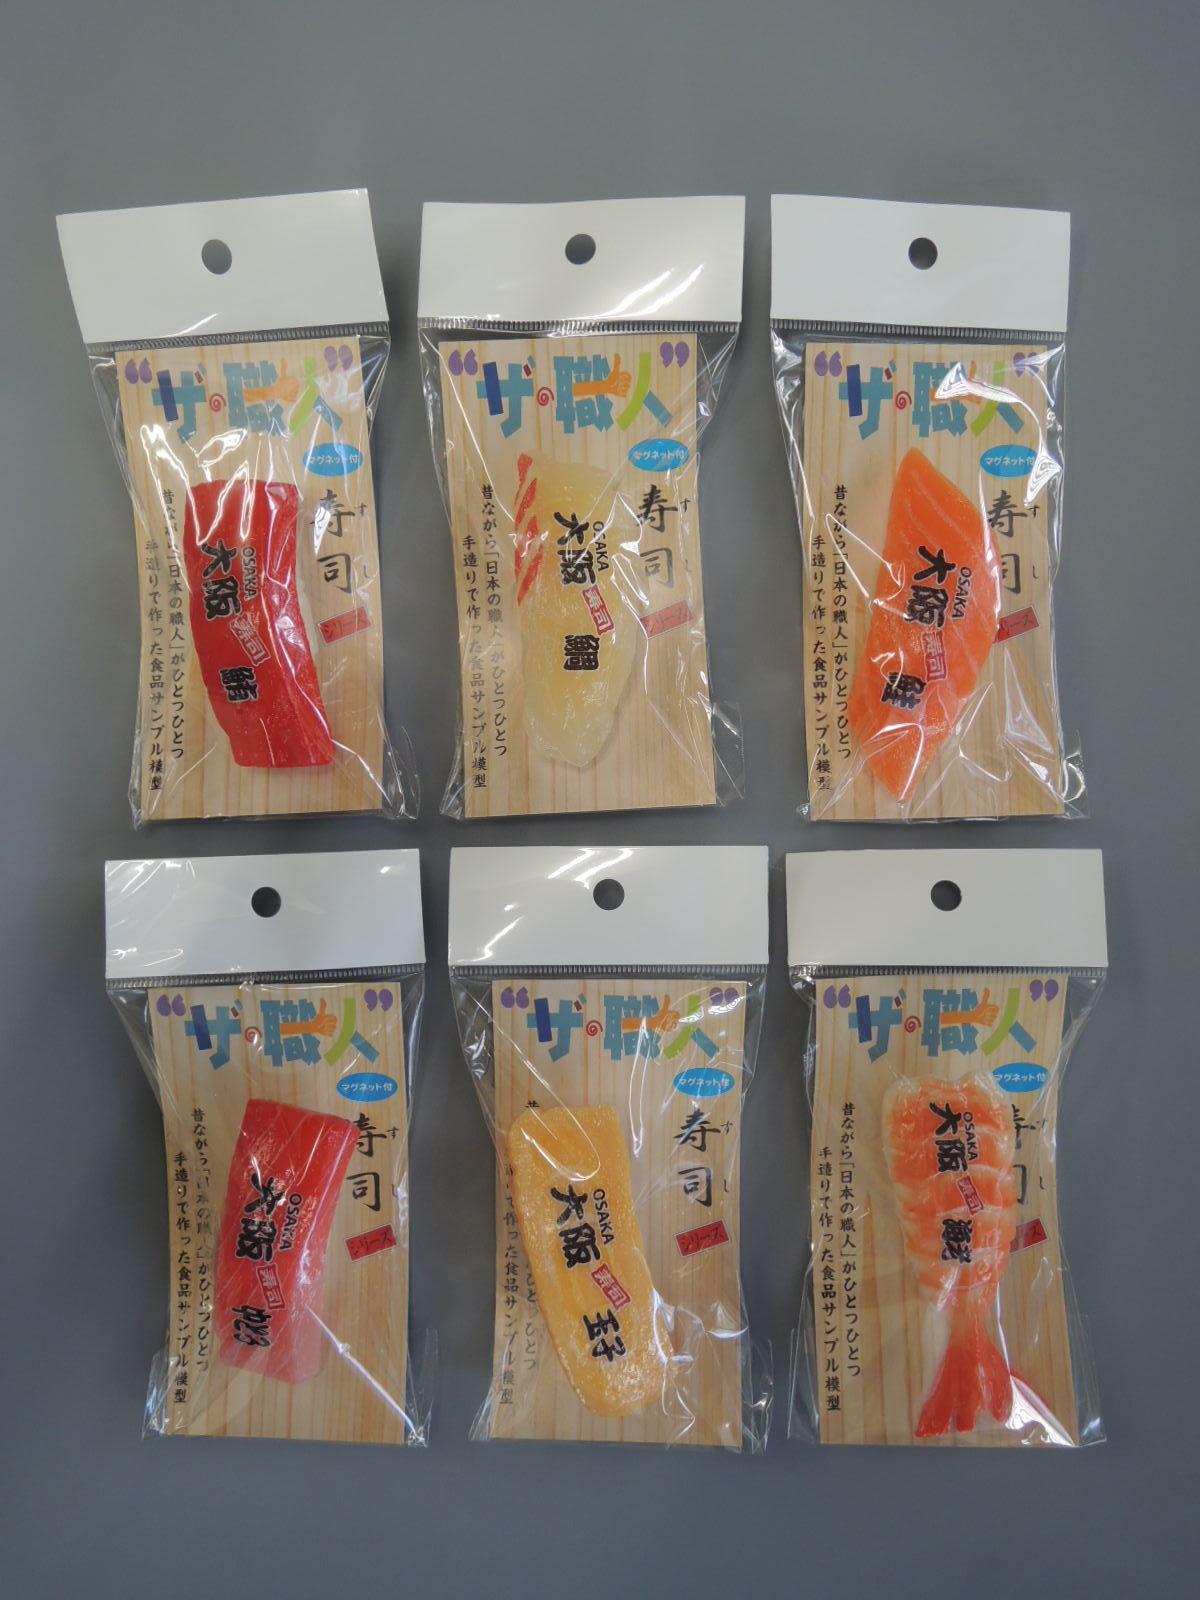 【 販売代理店/販売店 募集中 】 『食品サンプル・寿司」キーホルダー&マグネット』 _e0142313_19375132.jpg